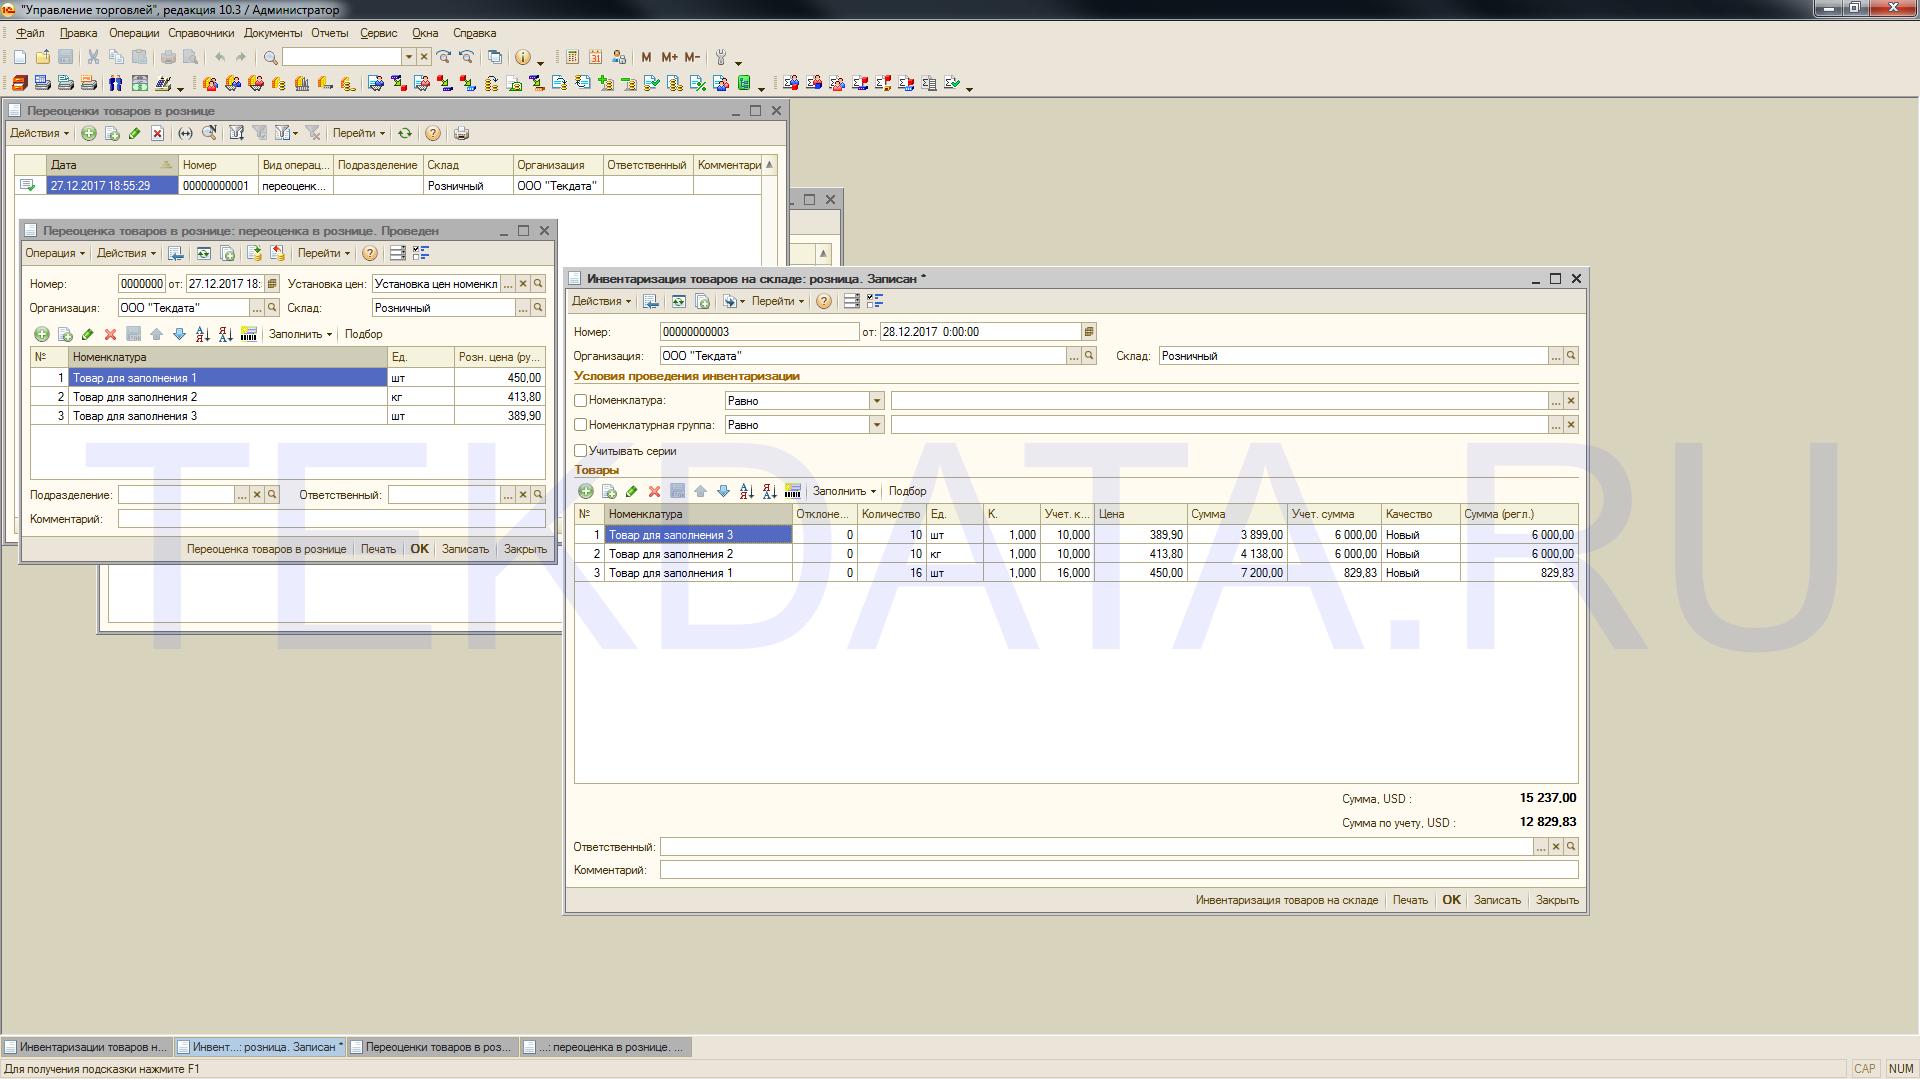 Заполнение цен в документе Инвентаризация товаров на складе из цен АТТ в 1С 8.2 (внешняя обработка *.epf) | tekdata.ru